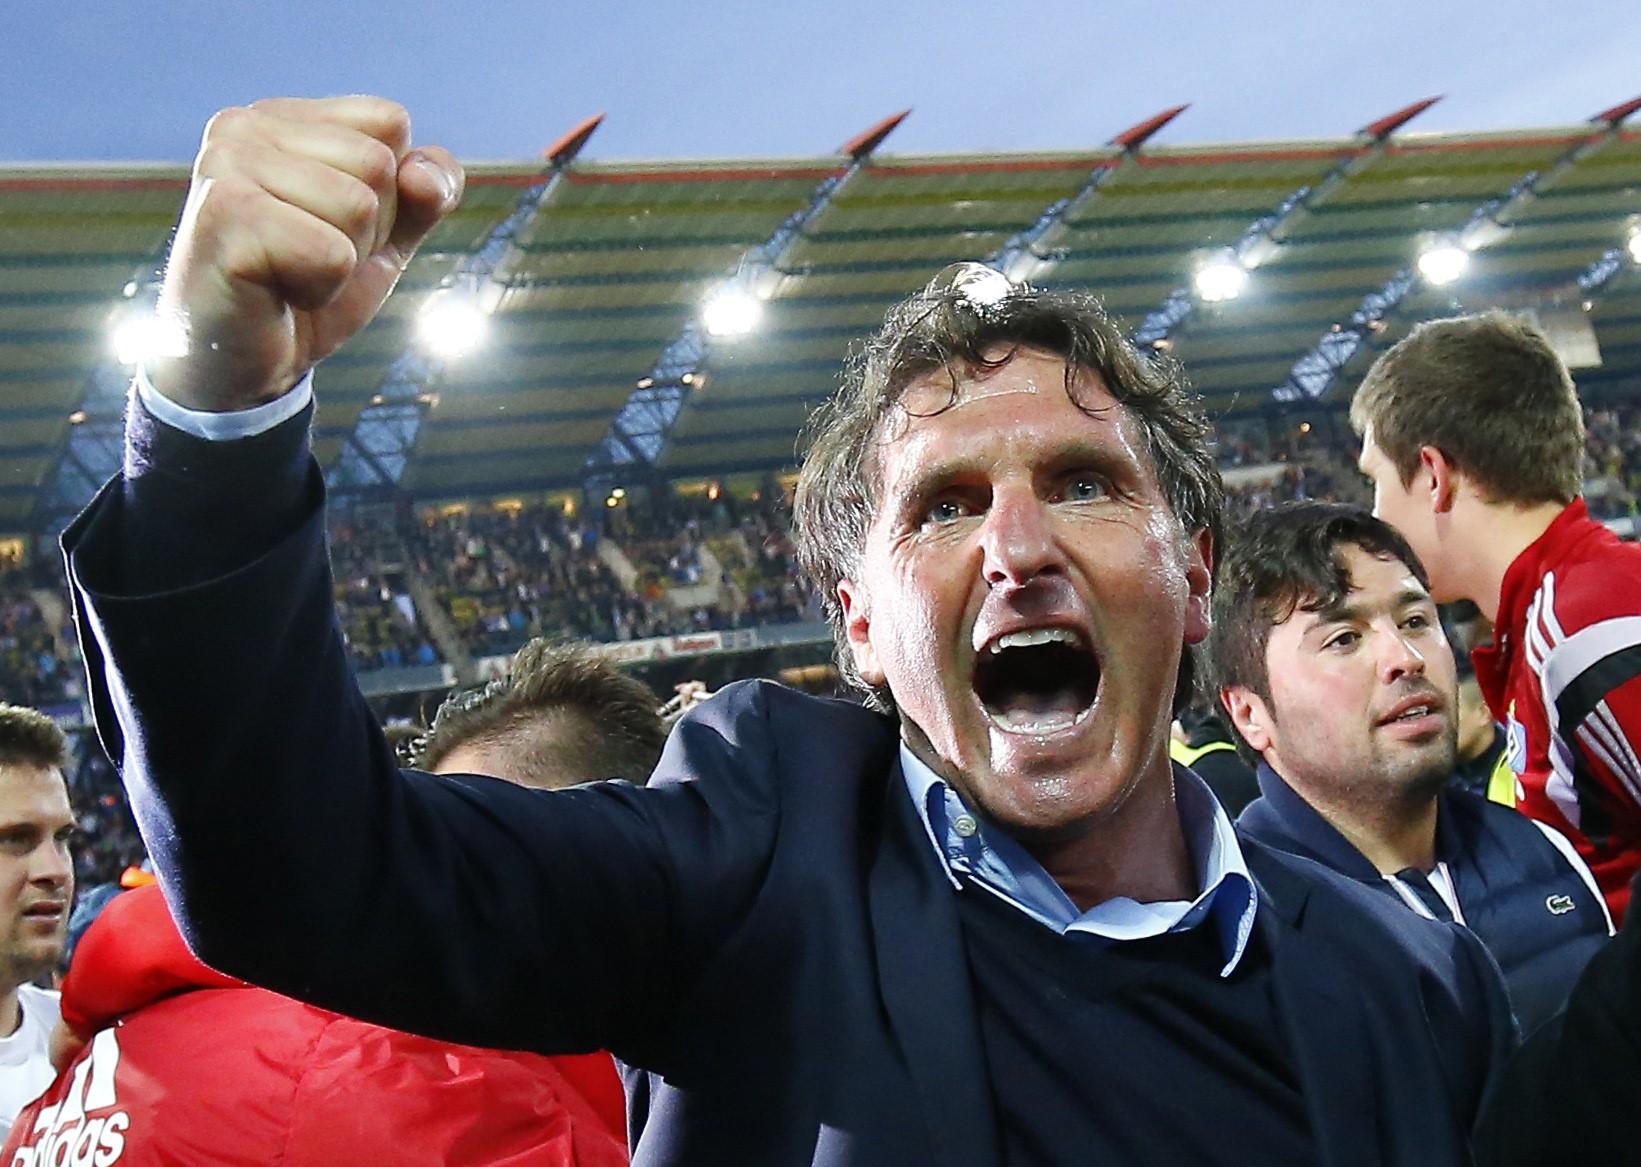 Hamburg SV's coach Bruno Labbadia celebrates after their German Bundesliga second leg relegation playoff soccer match against Karlsruhe SC in Karlsruhe, Germany June 1, 2015